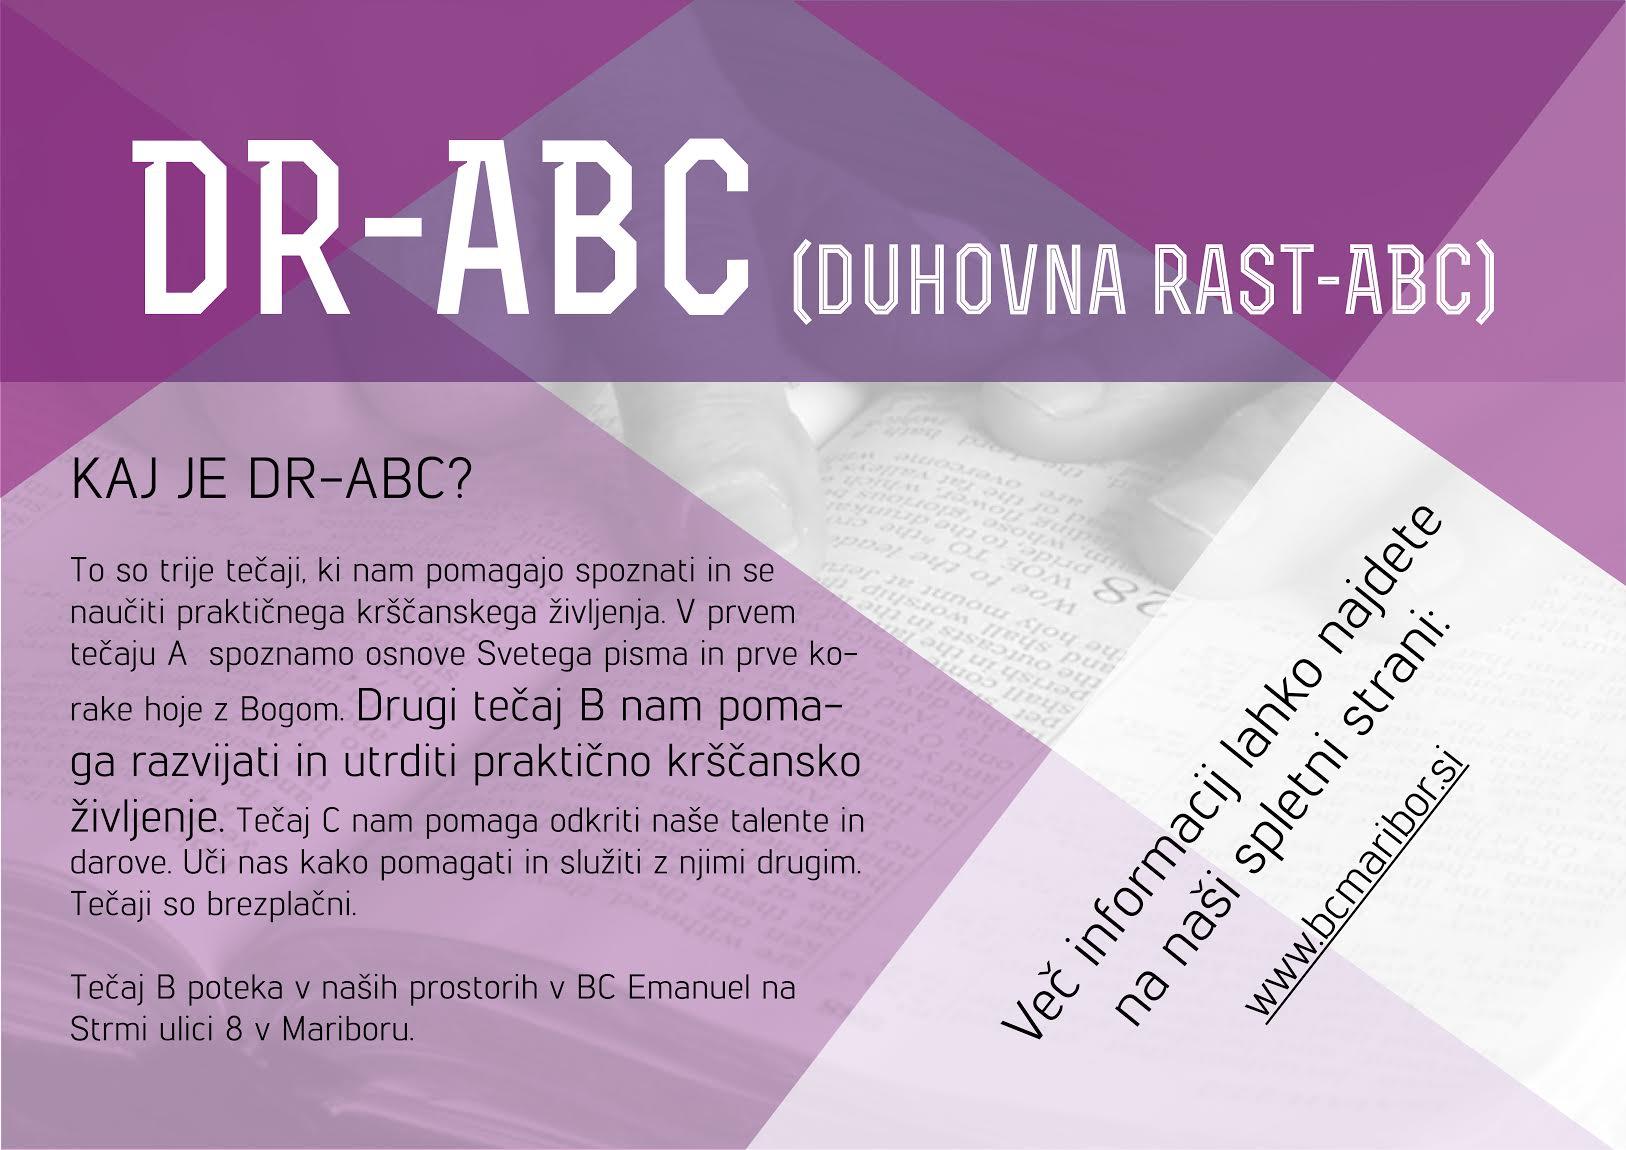 DR-ABC